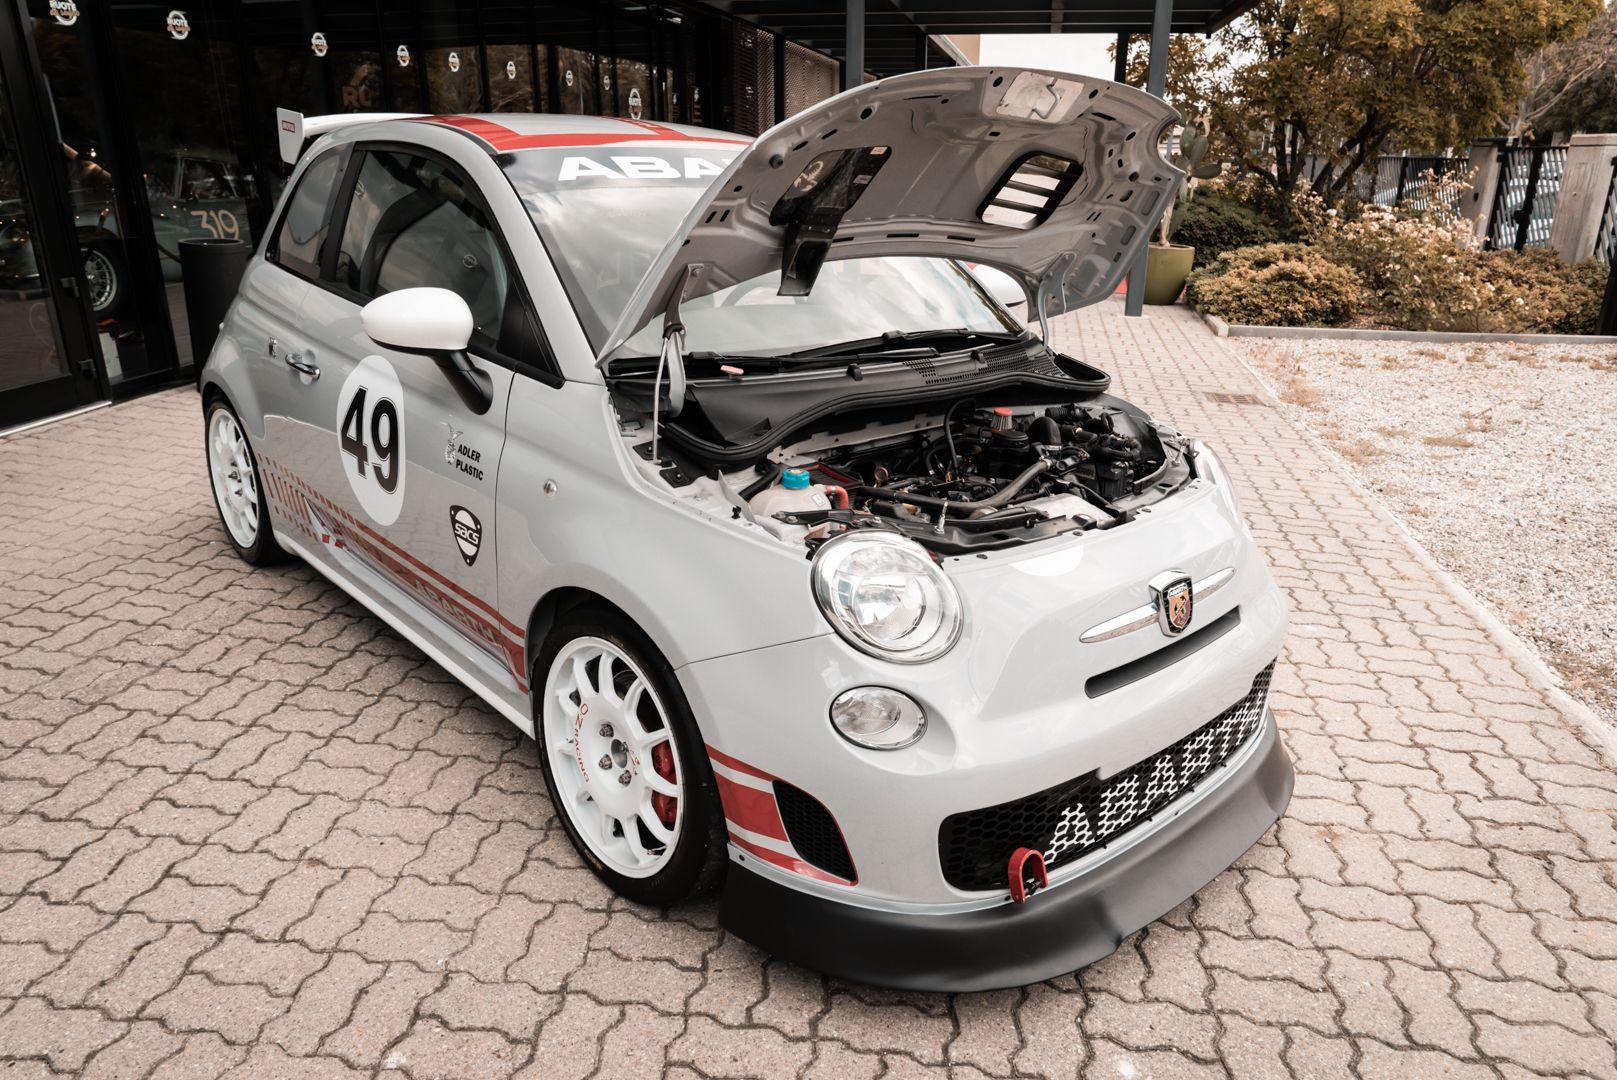 2008 Fiat 500 Abarth Assetto Corse 45/49 77402